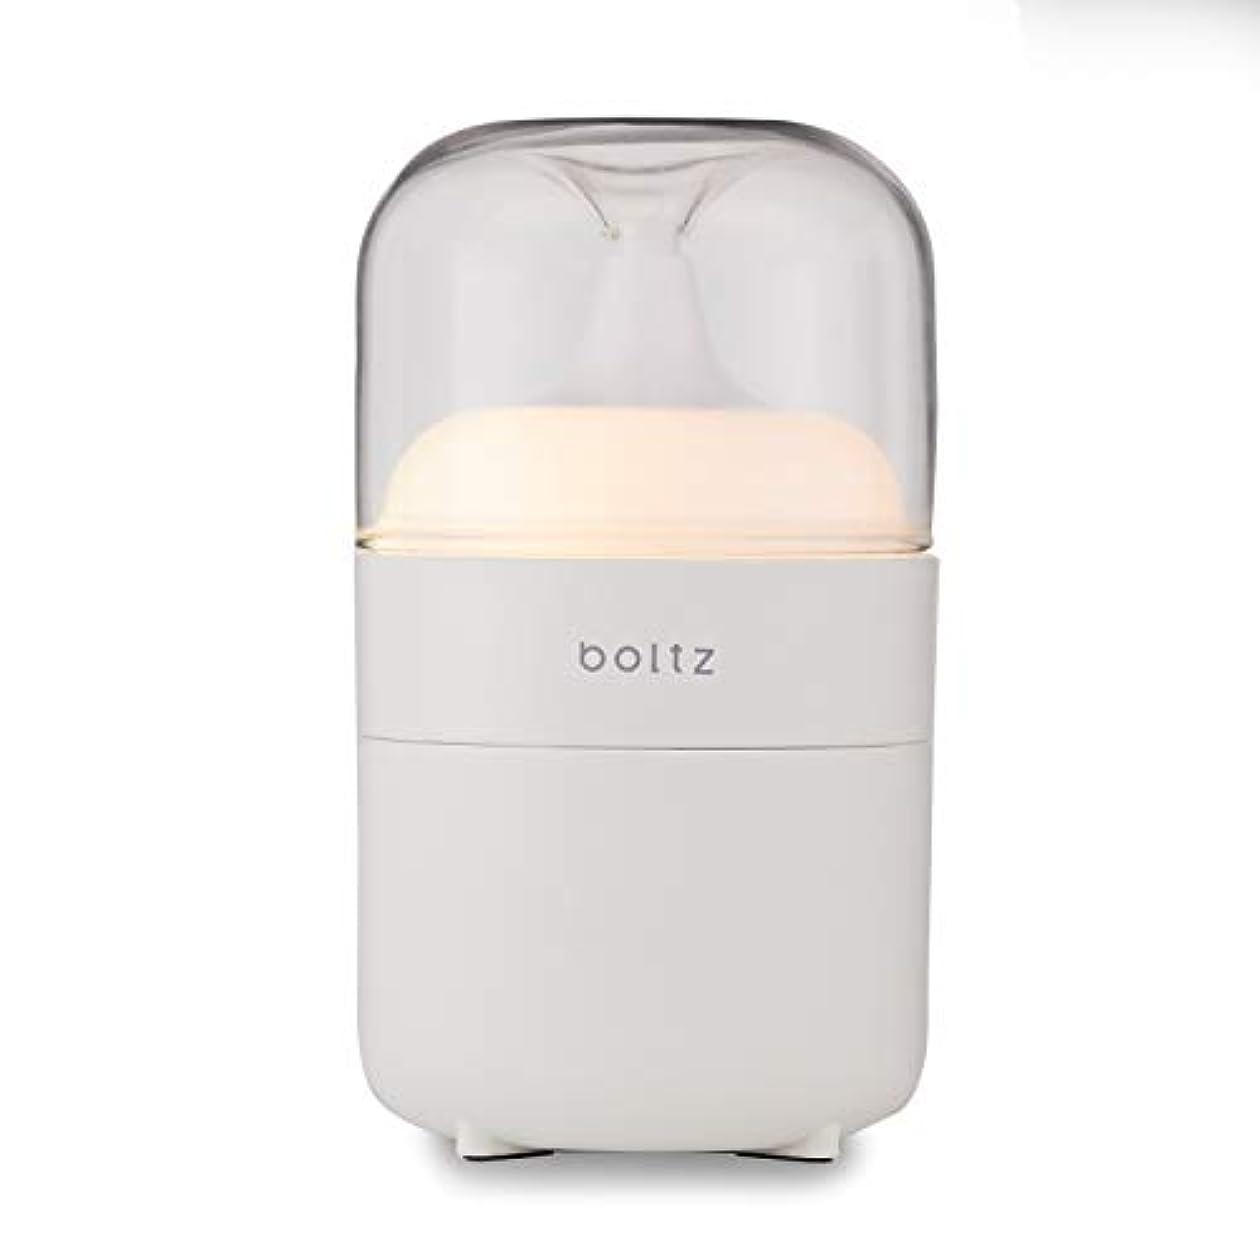 句ことわざ保持するLOWYA boltz アロマディフューザー ネプライザー式 アロマオイル対応 間接照明 おしゃれ USB対応